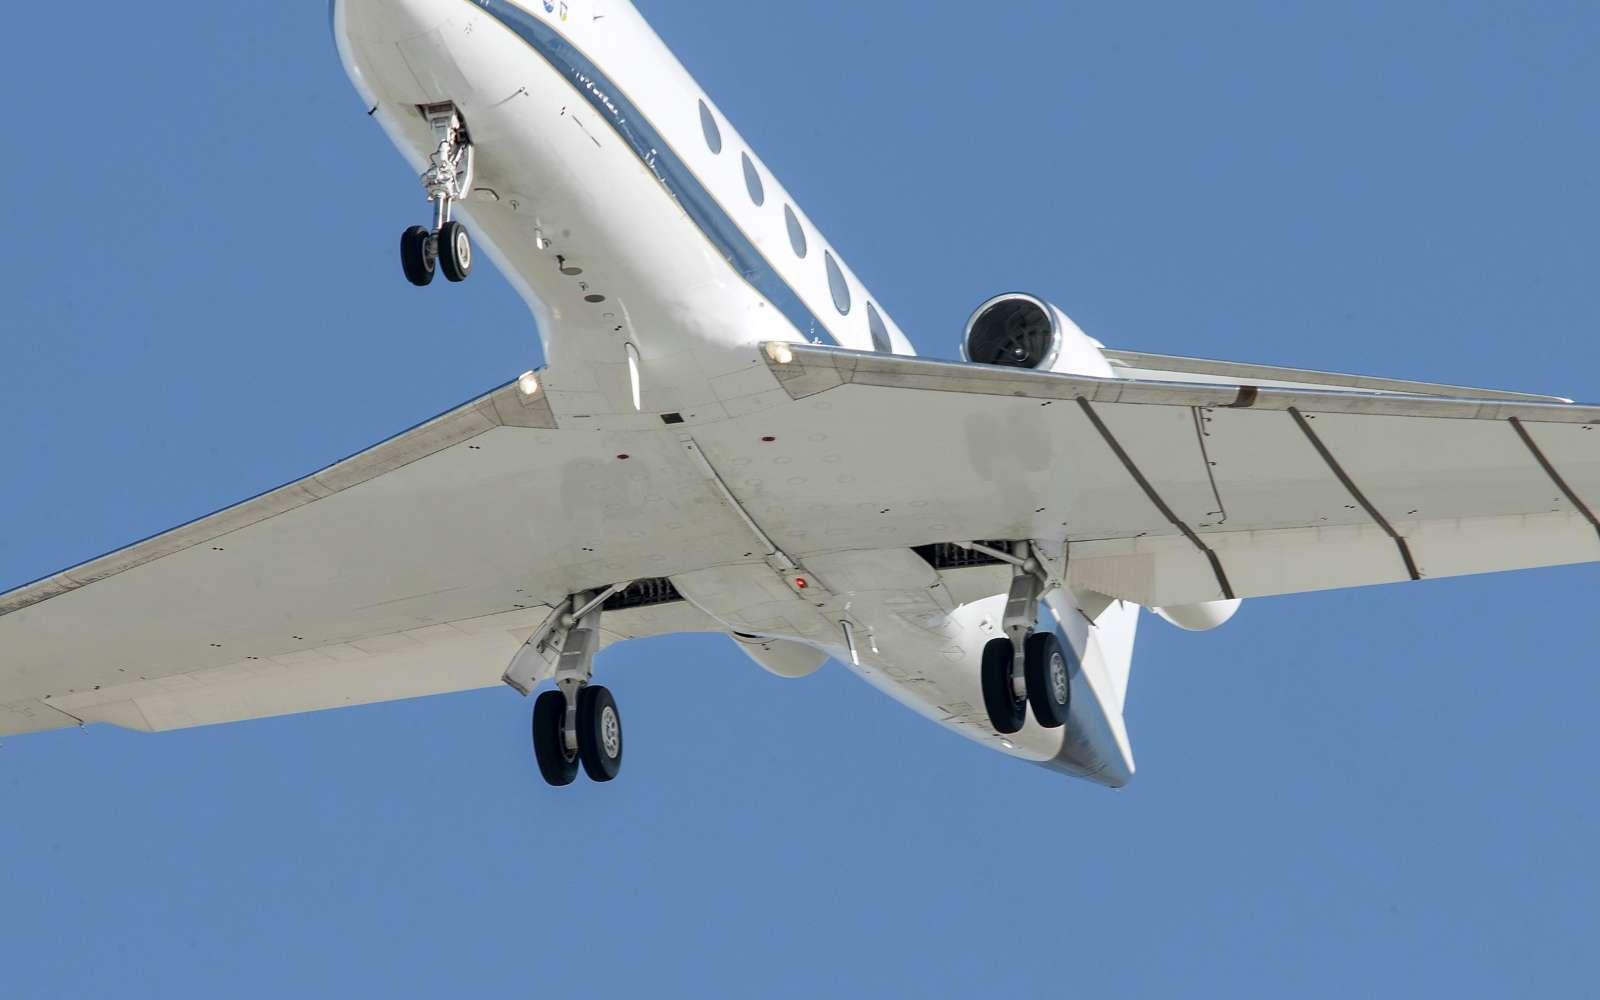 Sur la base d'Edwards en Californie, la Nasa a mené jusqu'au mois de mai des essais de réduction du volume acoustique du bruit aérodynamique de la carlingue d'un avion lorsqu'il se trouve en approche finale pour atterrir. En modifiant les volets, le train d'atterrissage et les orifices dans lesquels ils se logent en vol, le volume sonore global est réduit de 70 %. © Nasa